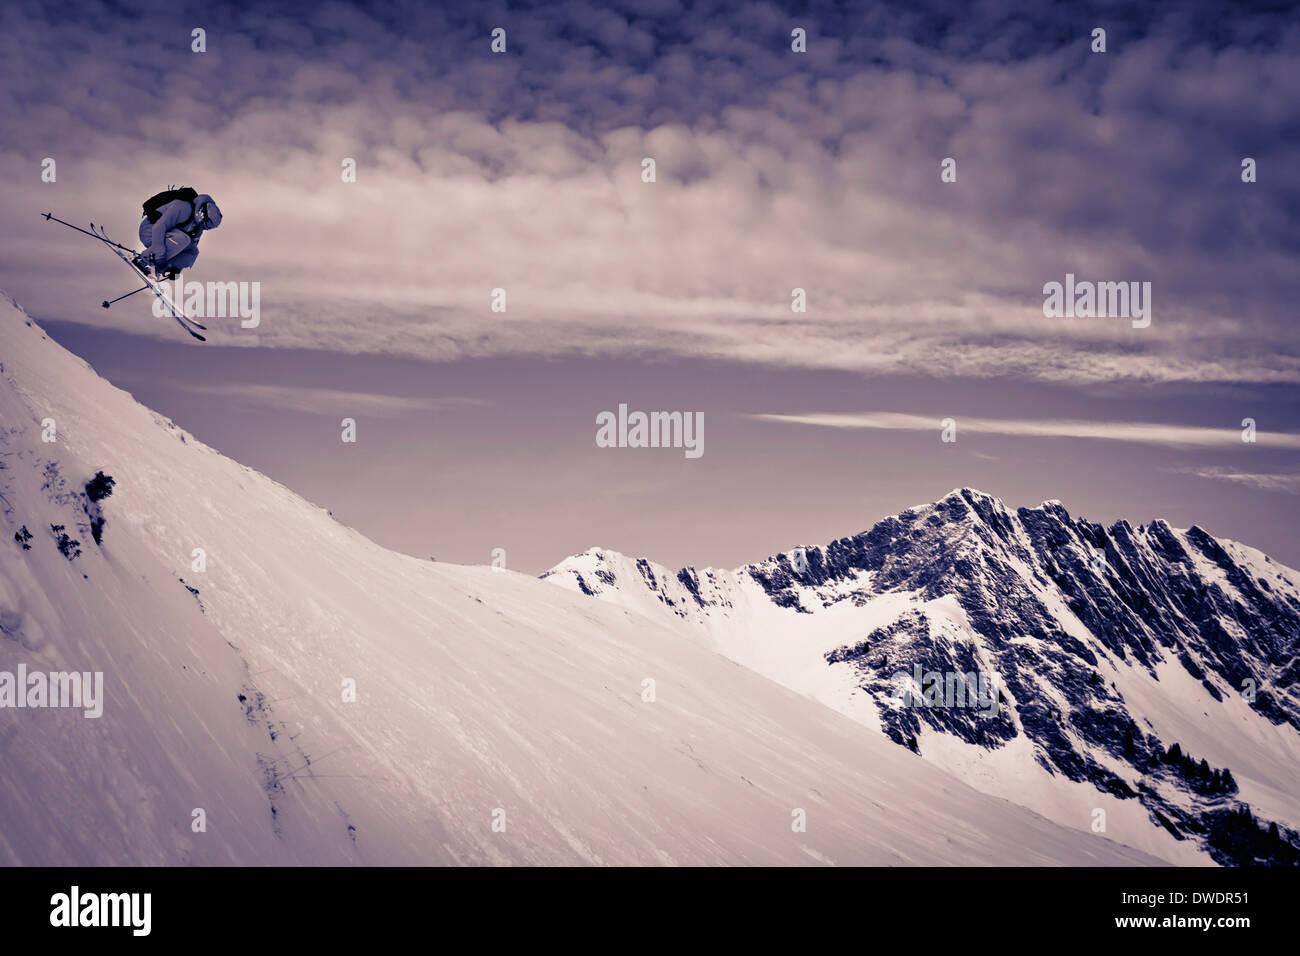 Austria, Tirol Kitzbuehel, hombre de esquí fuera de pista Imagen De Stock